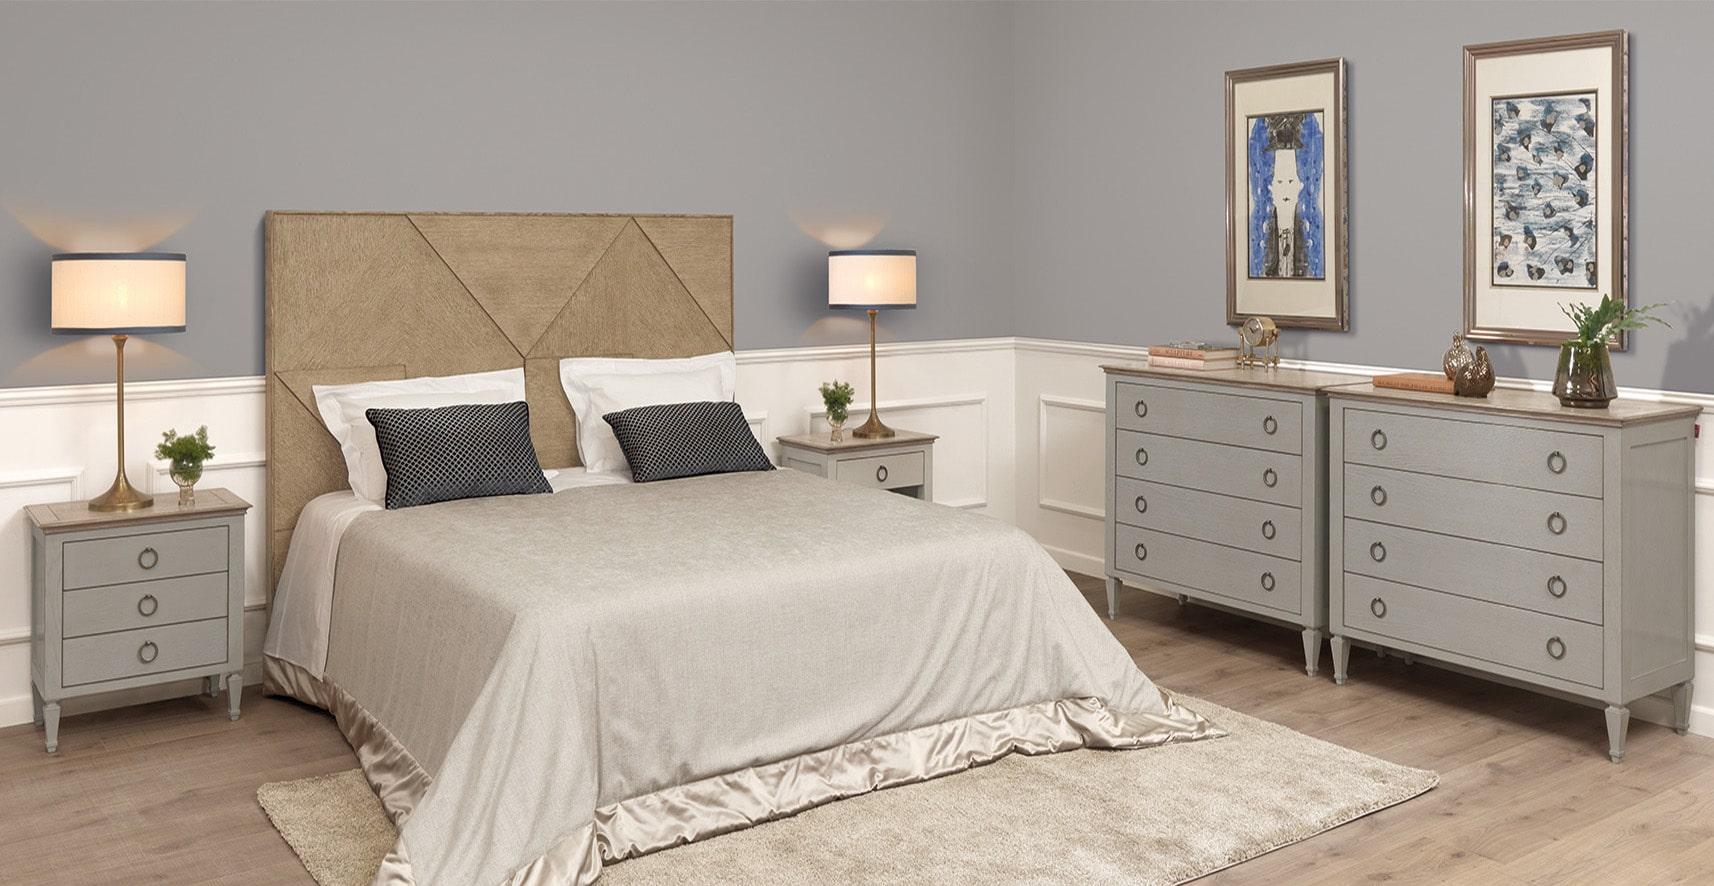 dormitorio_clasico_001